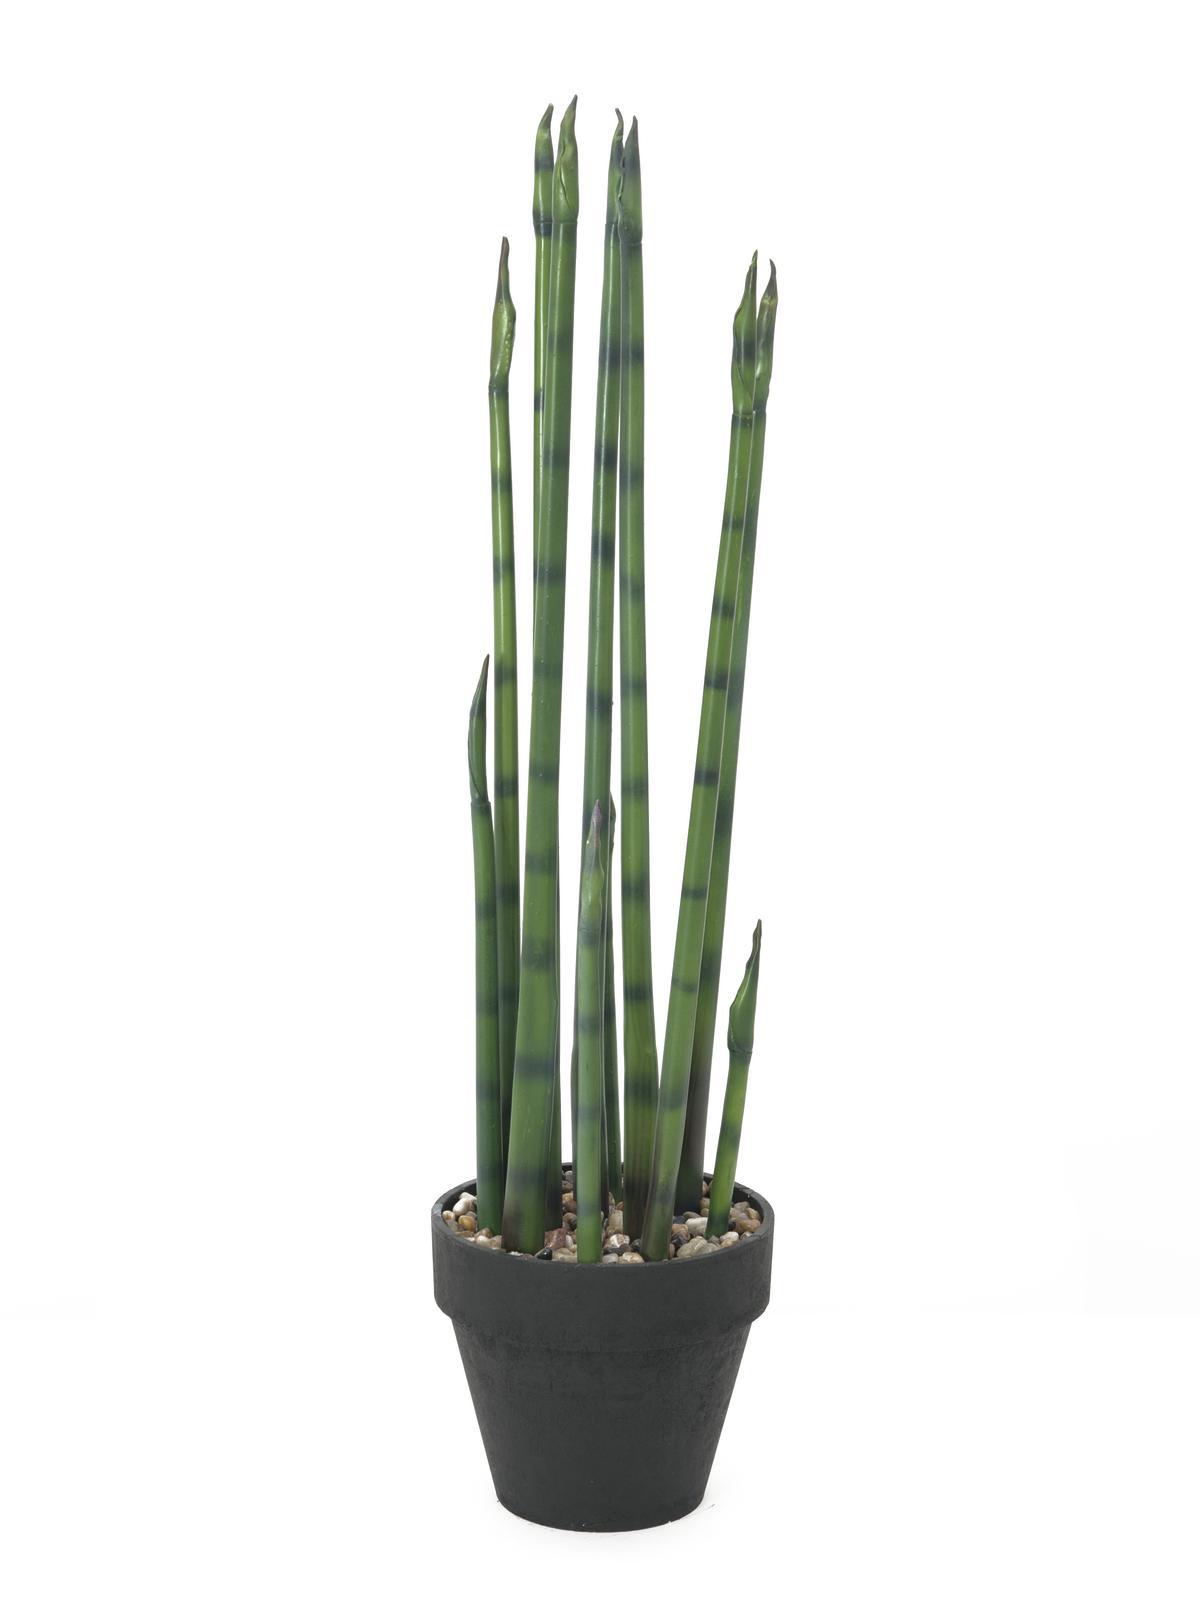 Billede af Kunstig Aloe Gigante, Grøn, 80cm